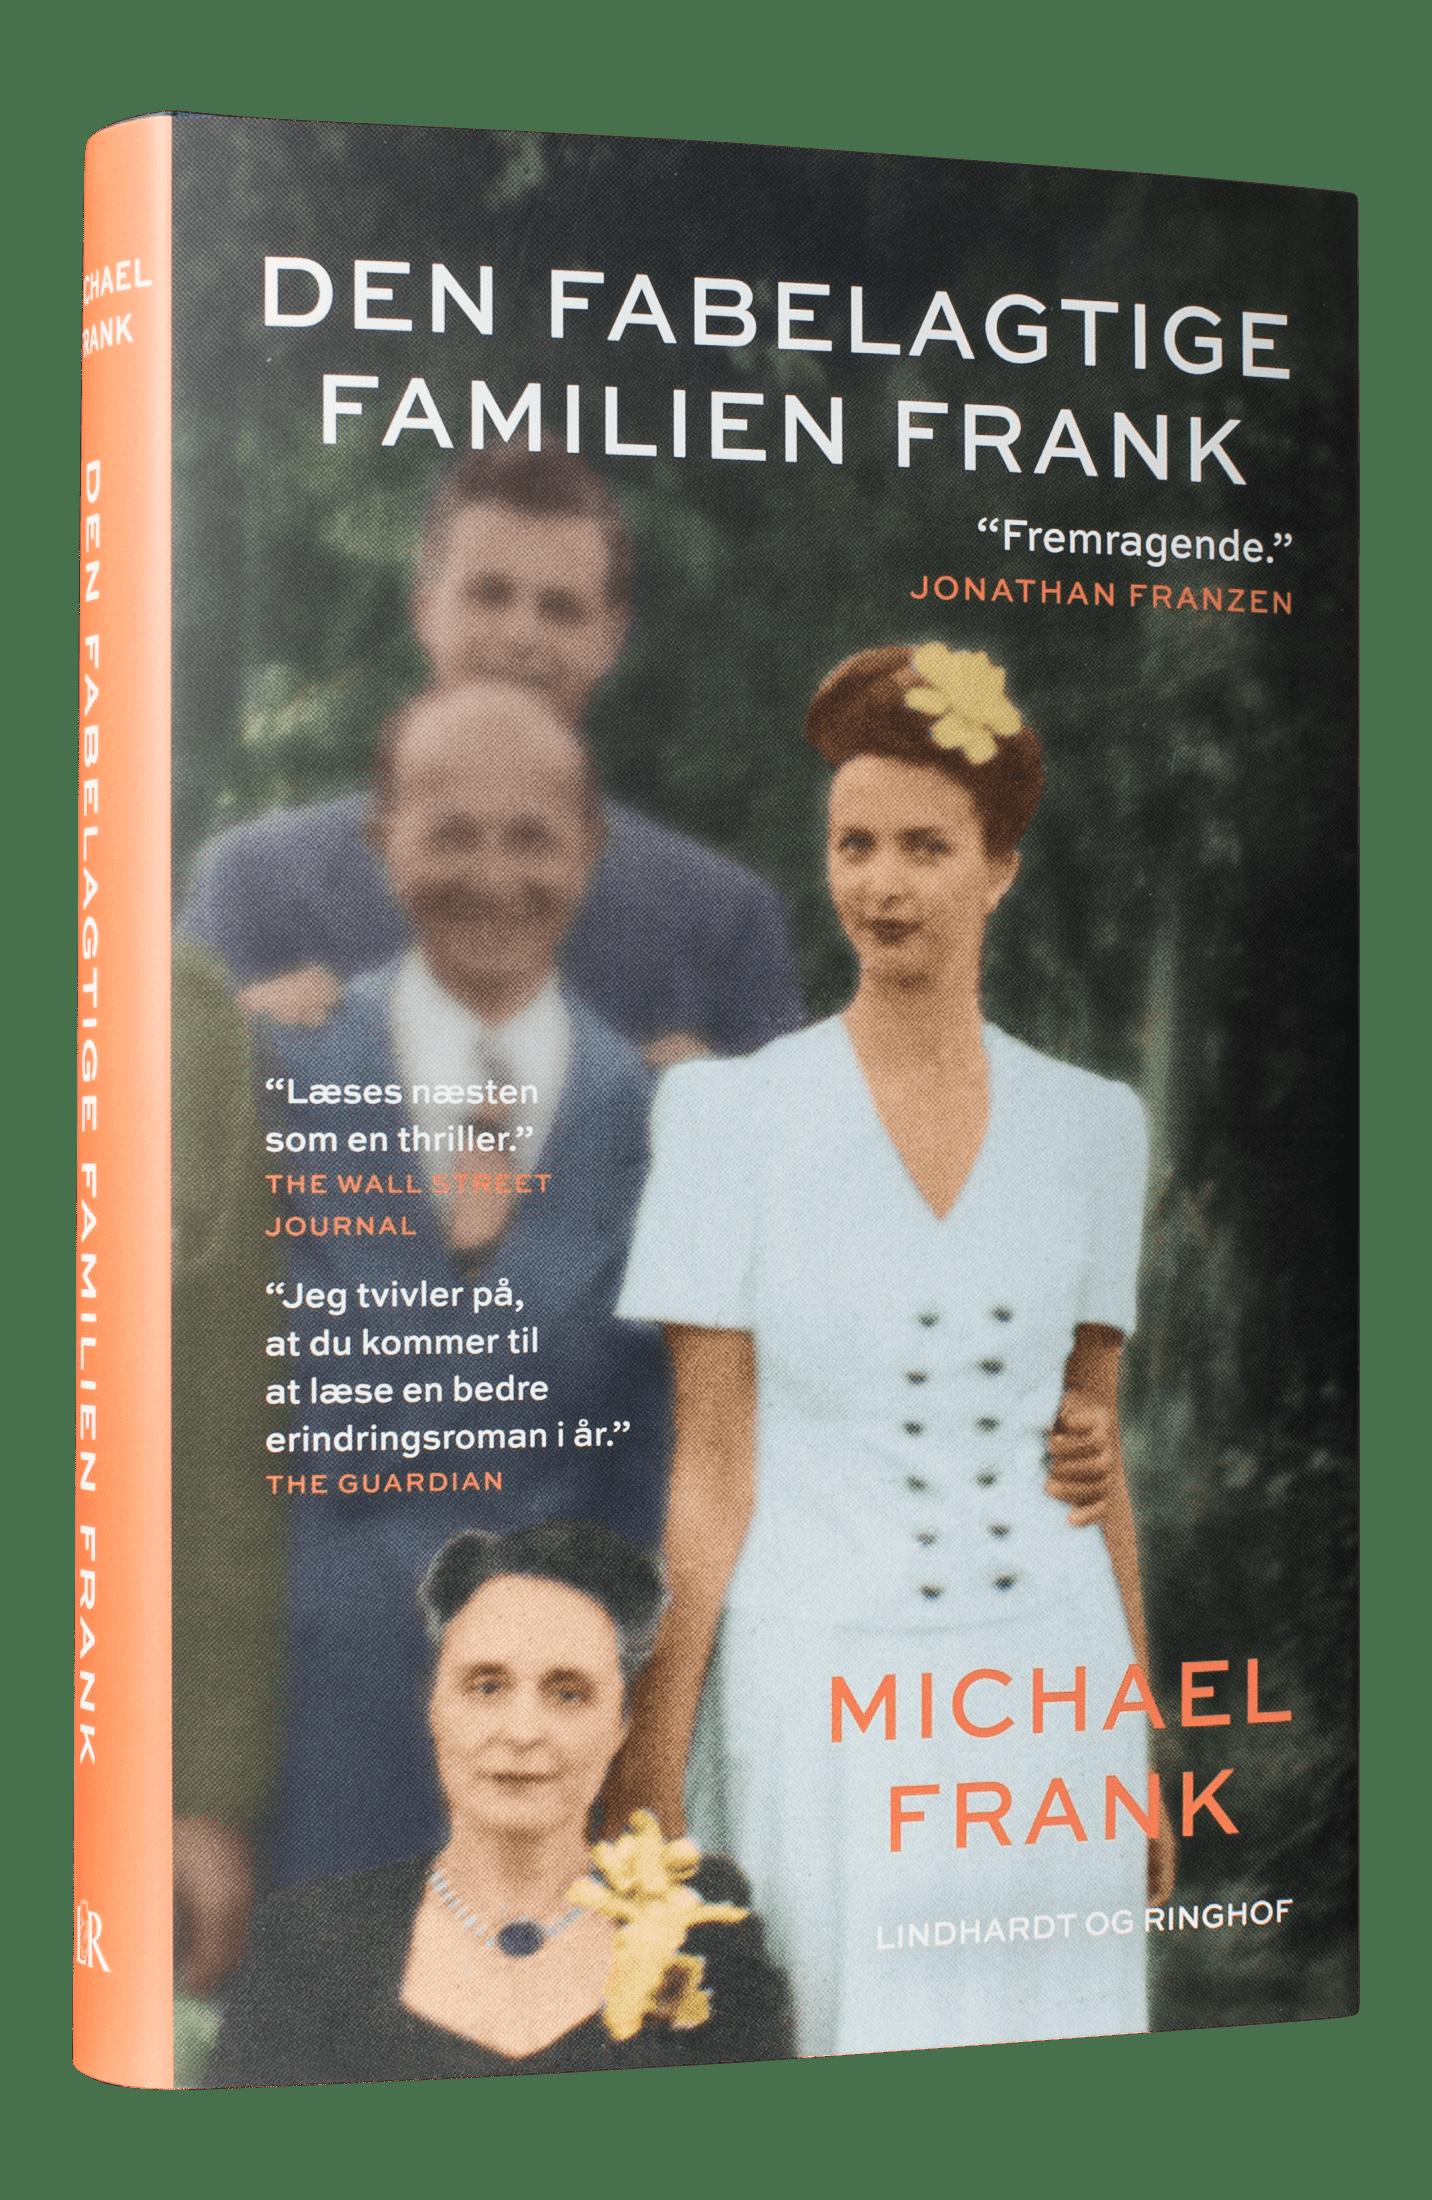 Den fabelagtige familien Frank, dannelsesroman, memoir, Michael Frank